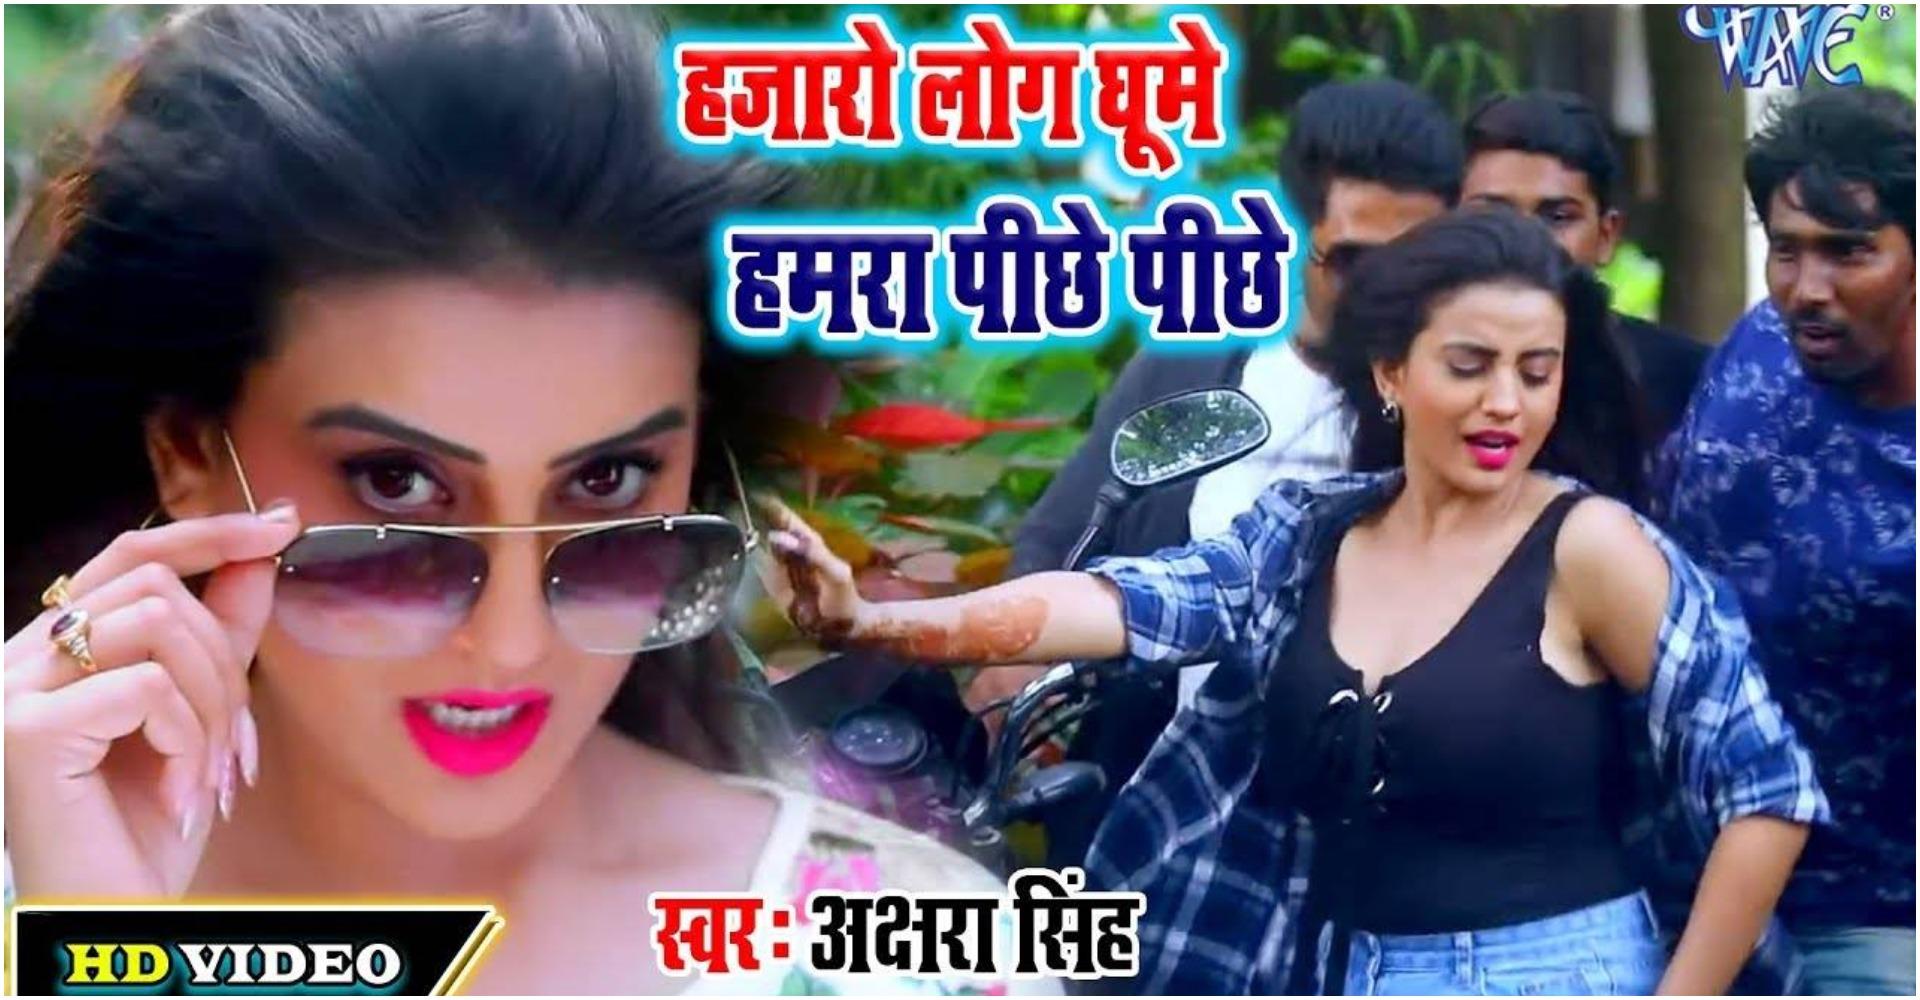 Bhojpuri Hit Songs: अक्षरा सिंह का नया गाना 'हजारो लोग घूमे हमरा पीछे पीछे' में एक्ट्रेस दिखाया जबरजस्त डांस